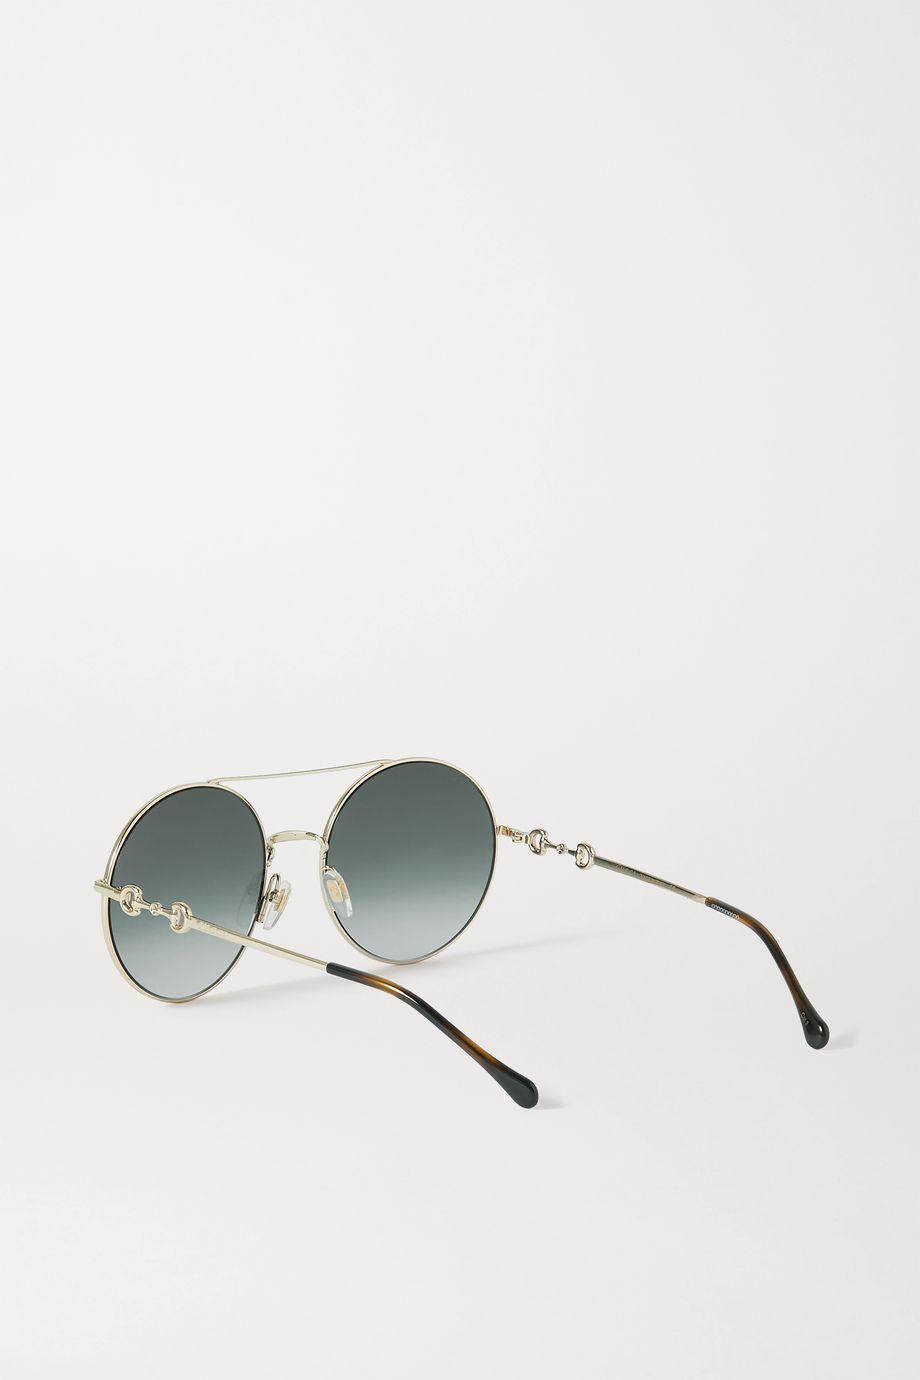 Gucci Lunettes de soleil rondes dorées